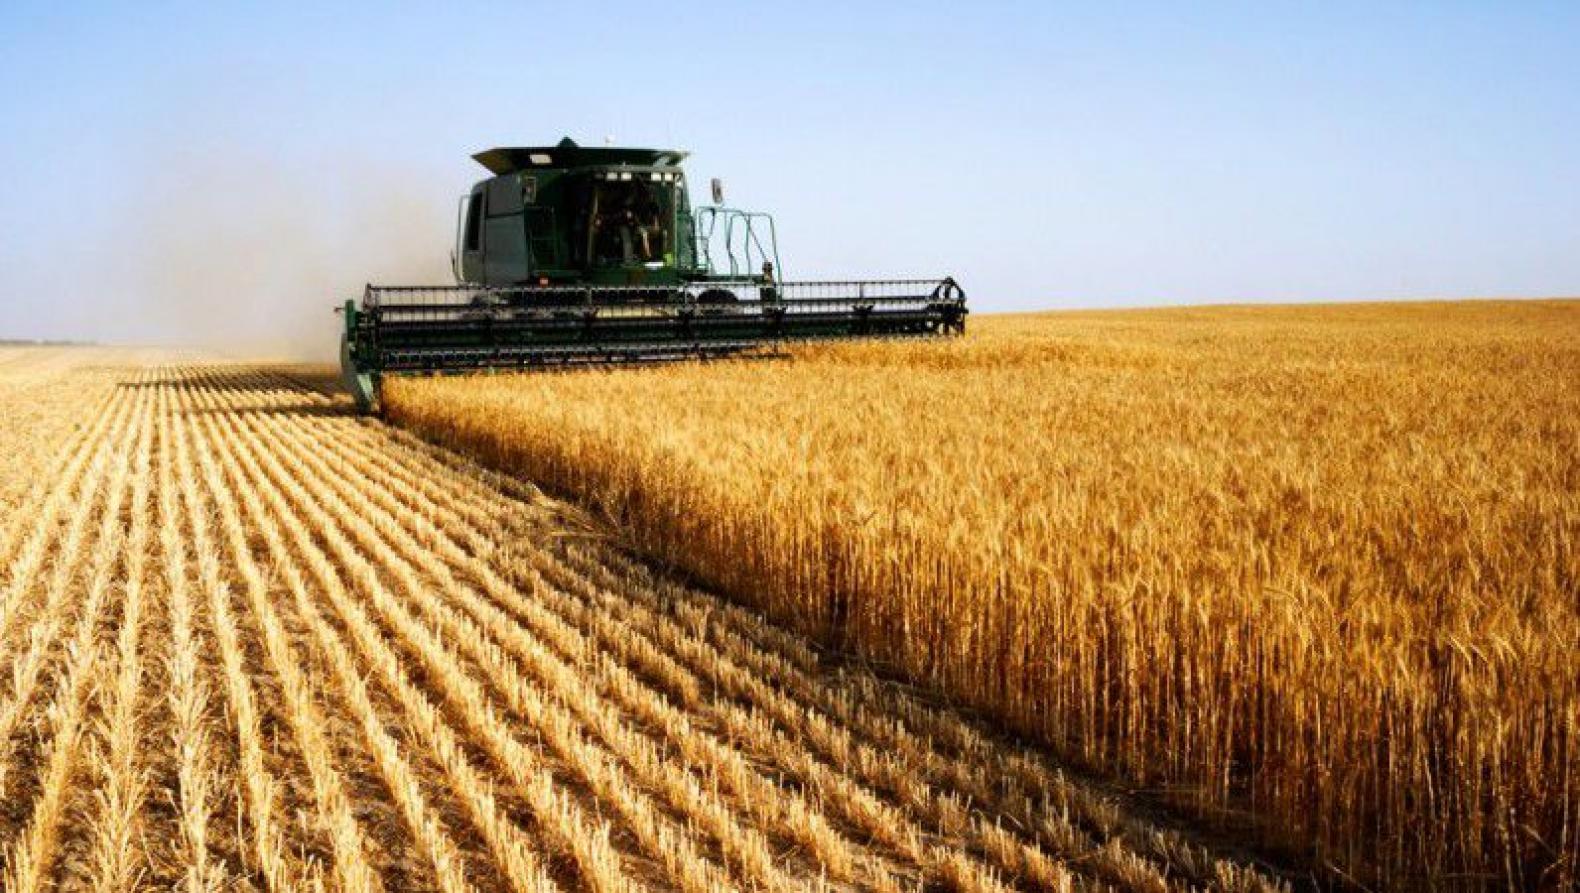 المثنى تحقق رقماً قياسياً في محصولي الحنطة والشعير